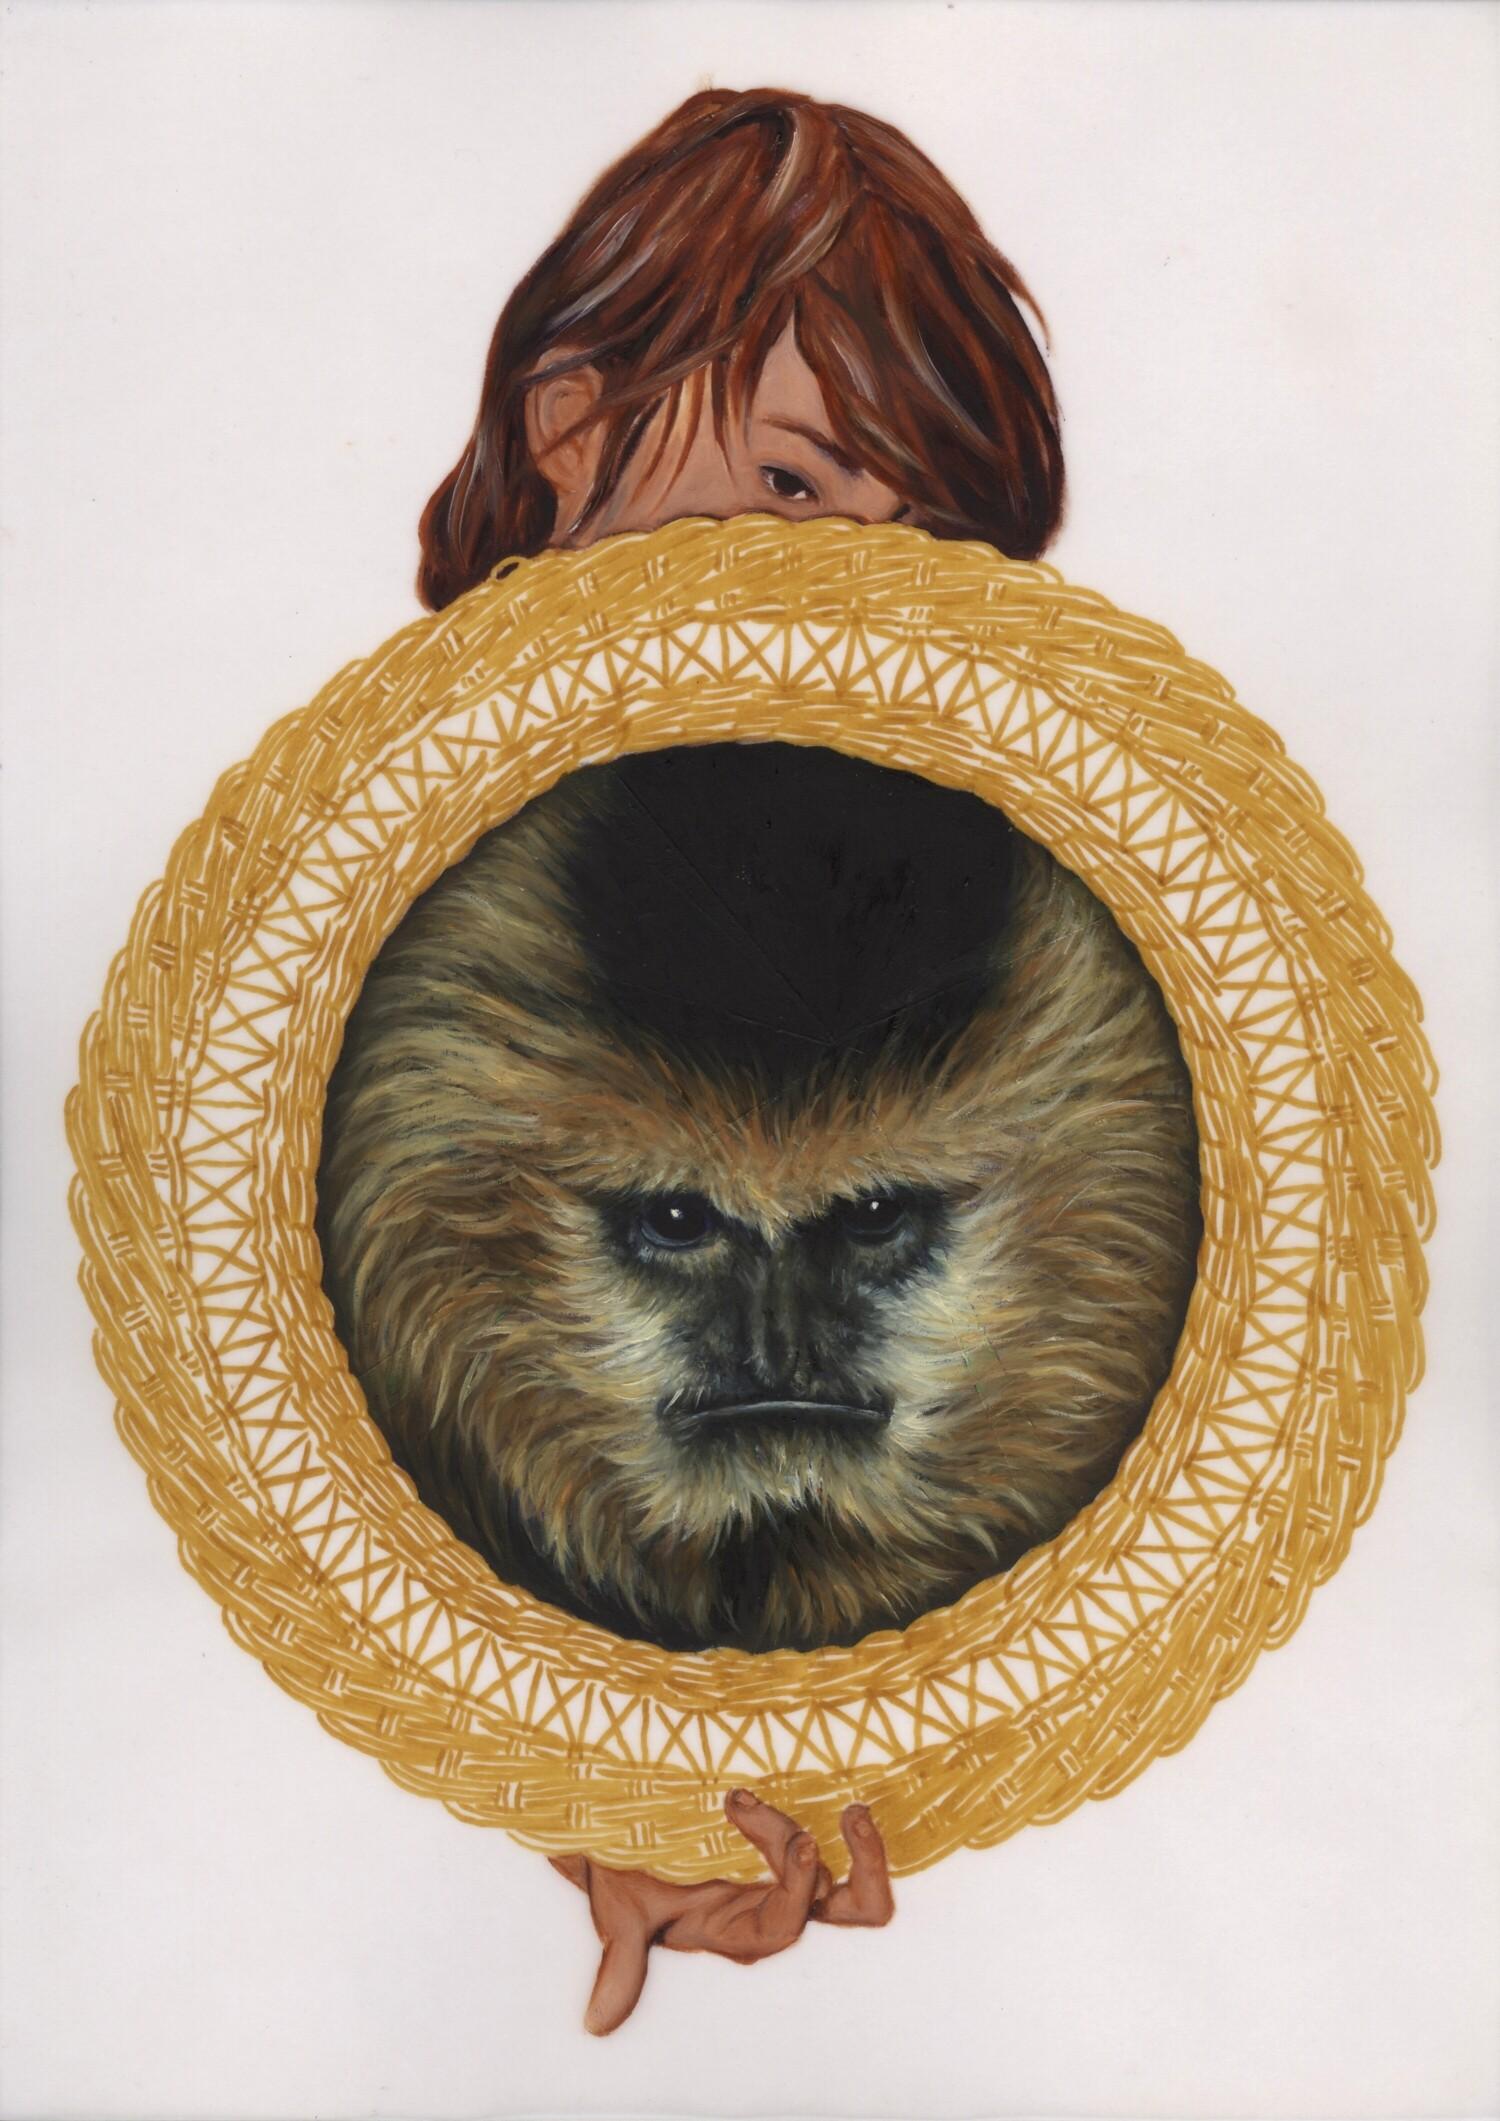 Vellum 02#2015, 29,7 x 21 cm, Öl auf Transparentpapier